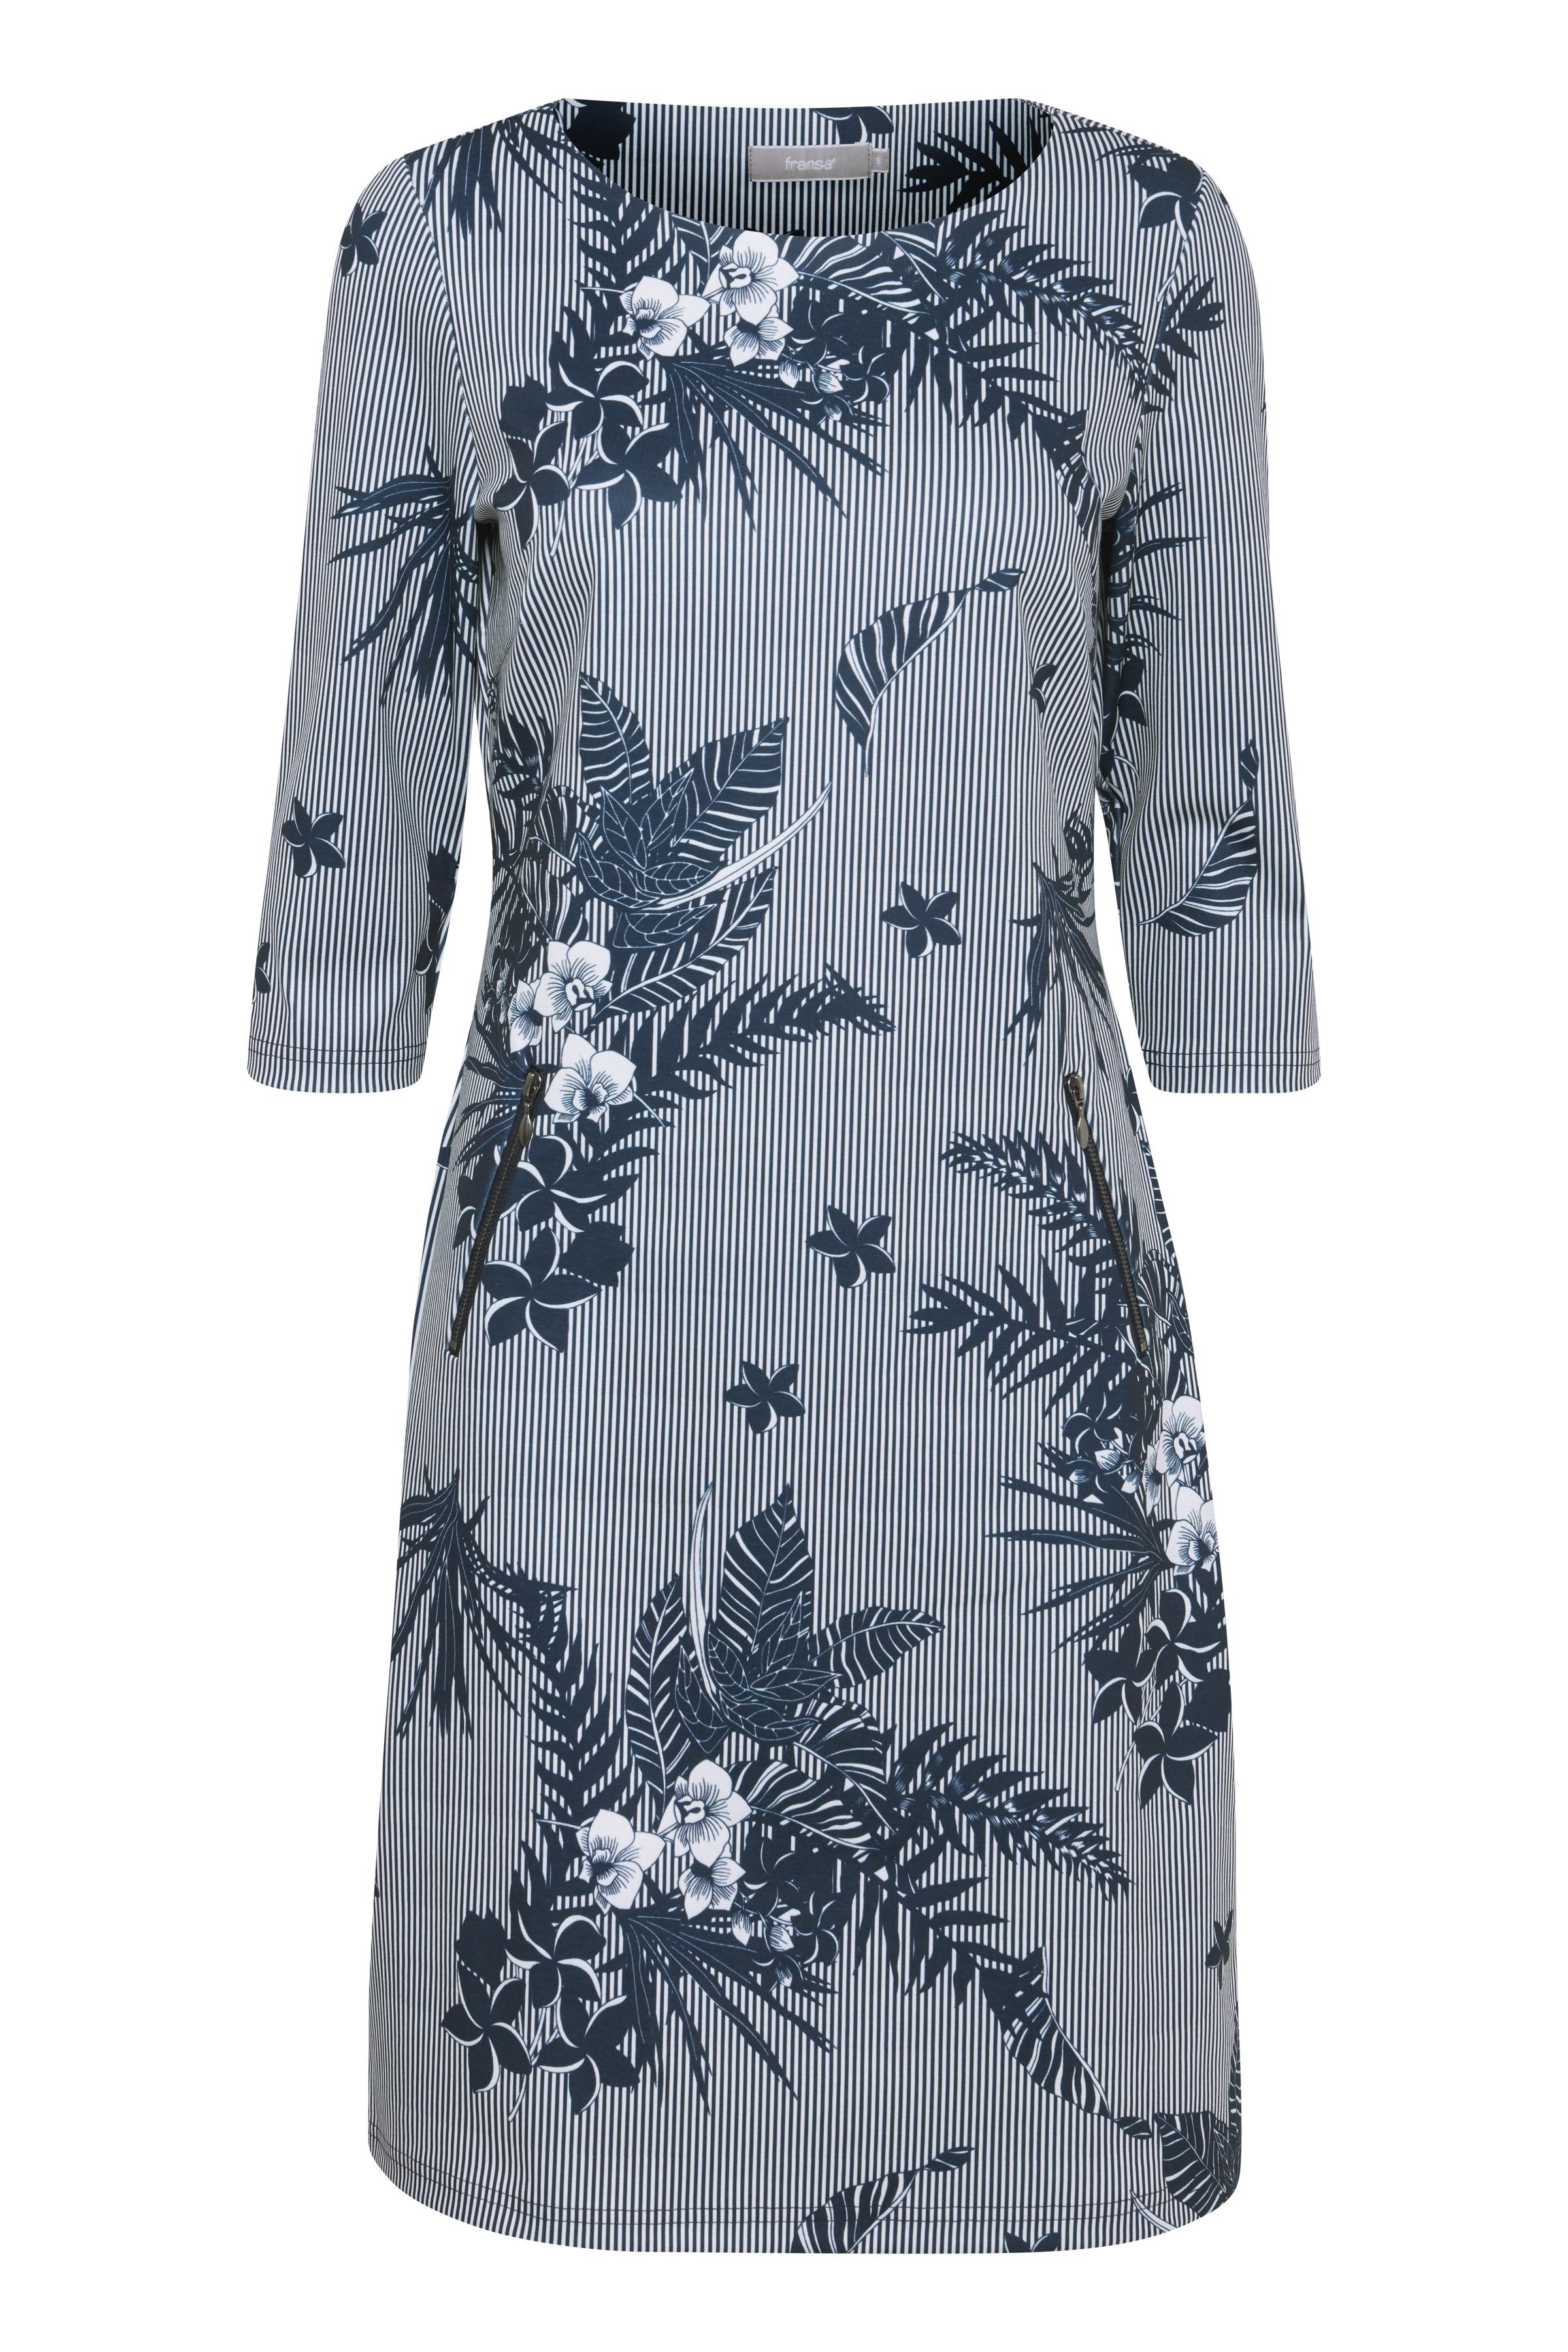 98852697 Fransa Dame Fransa kjole i en blød jersey kvalitet. Kjole med 3/4 ærmer